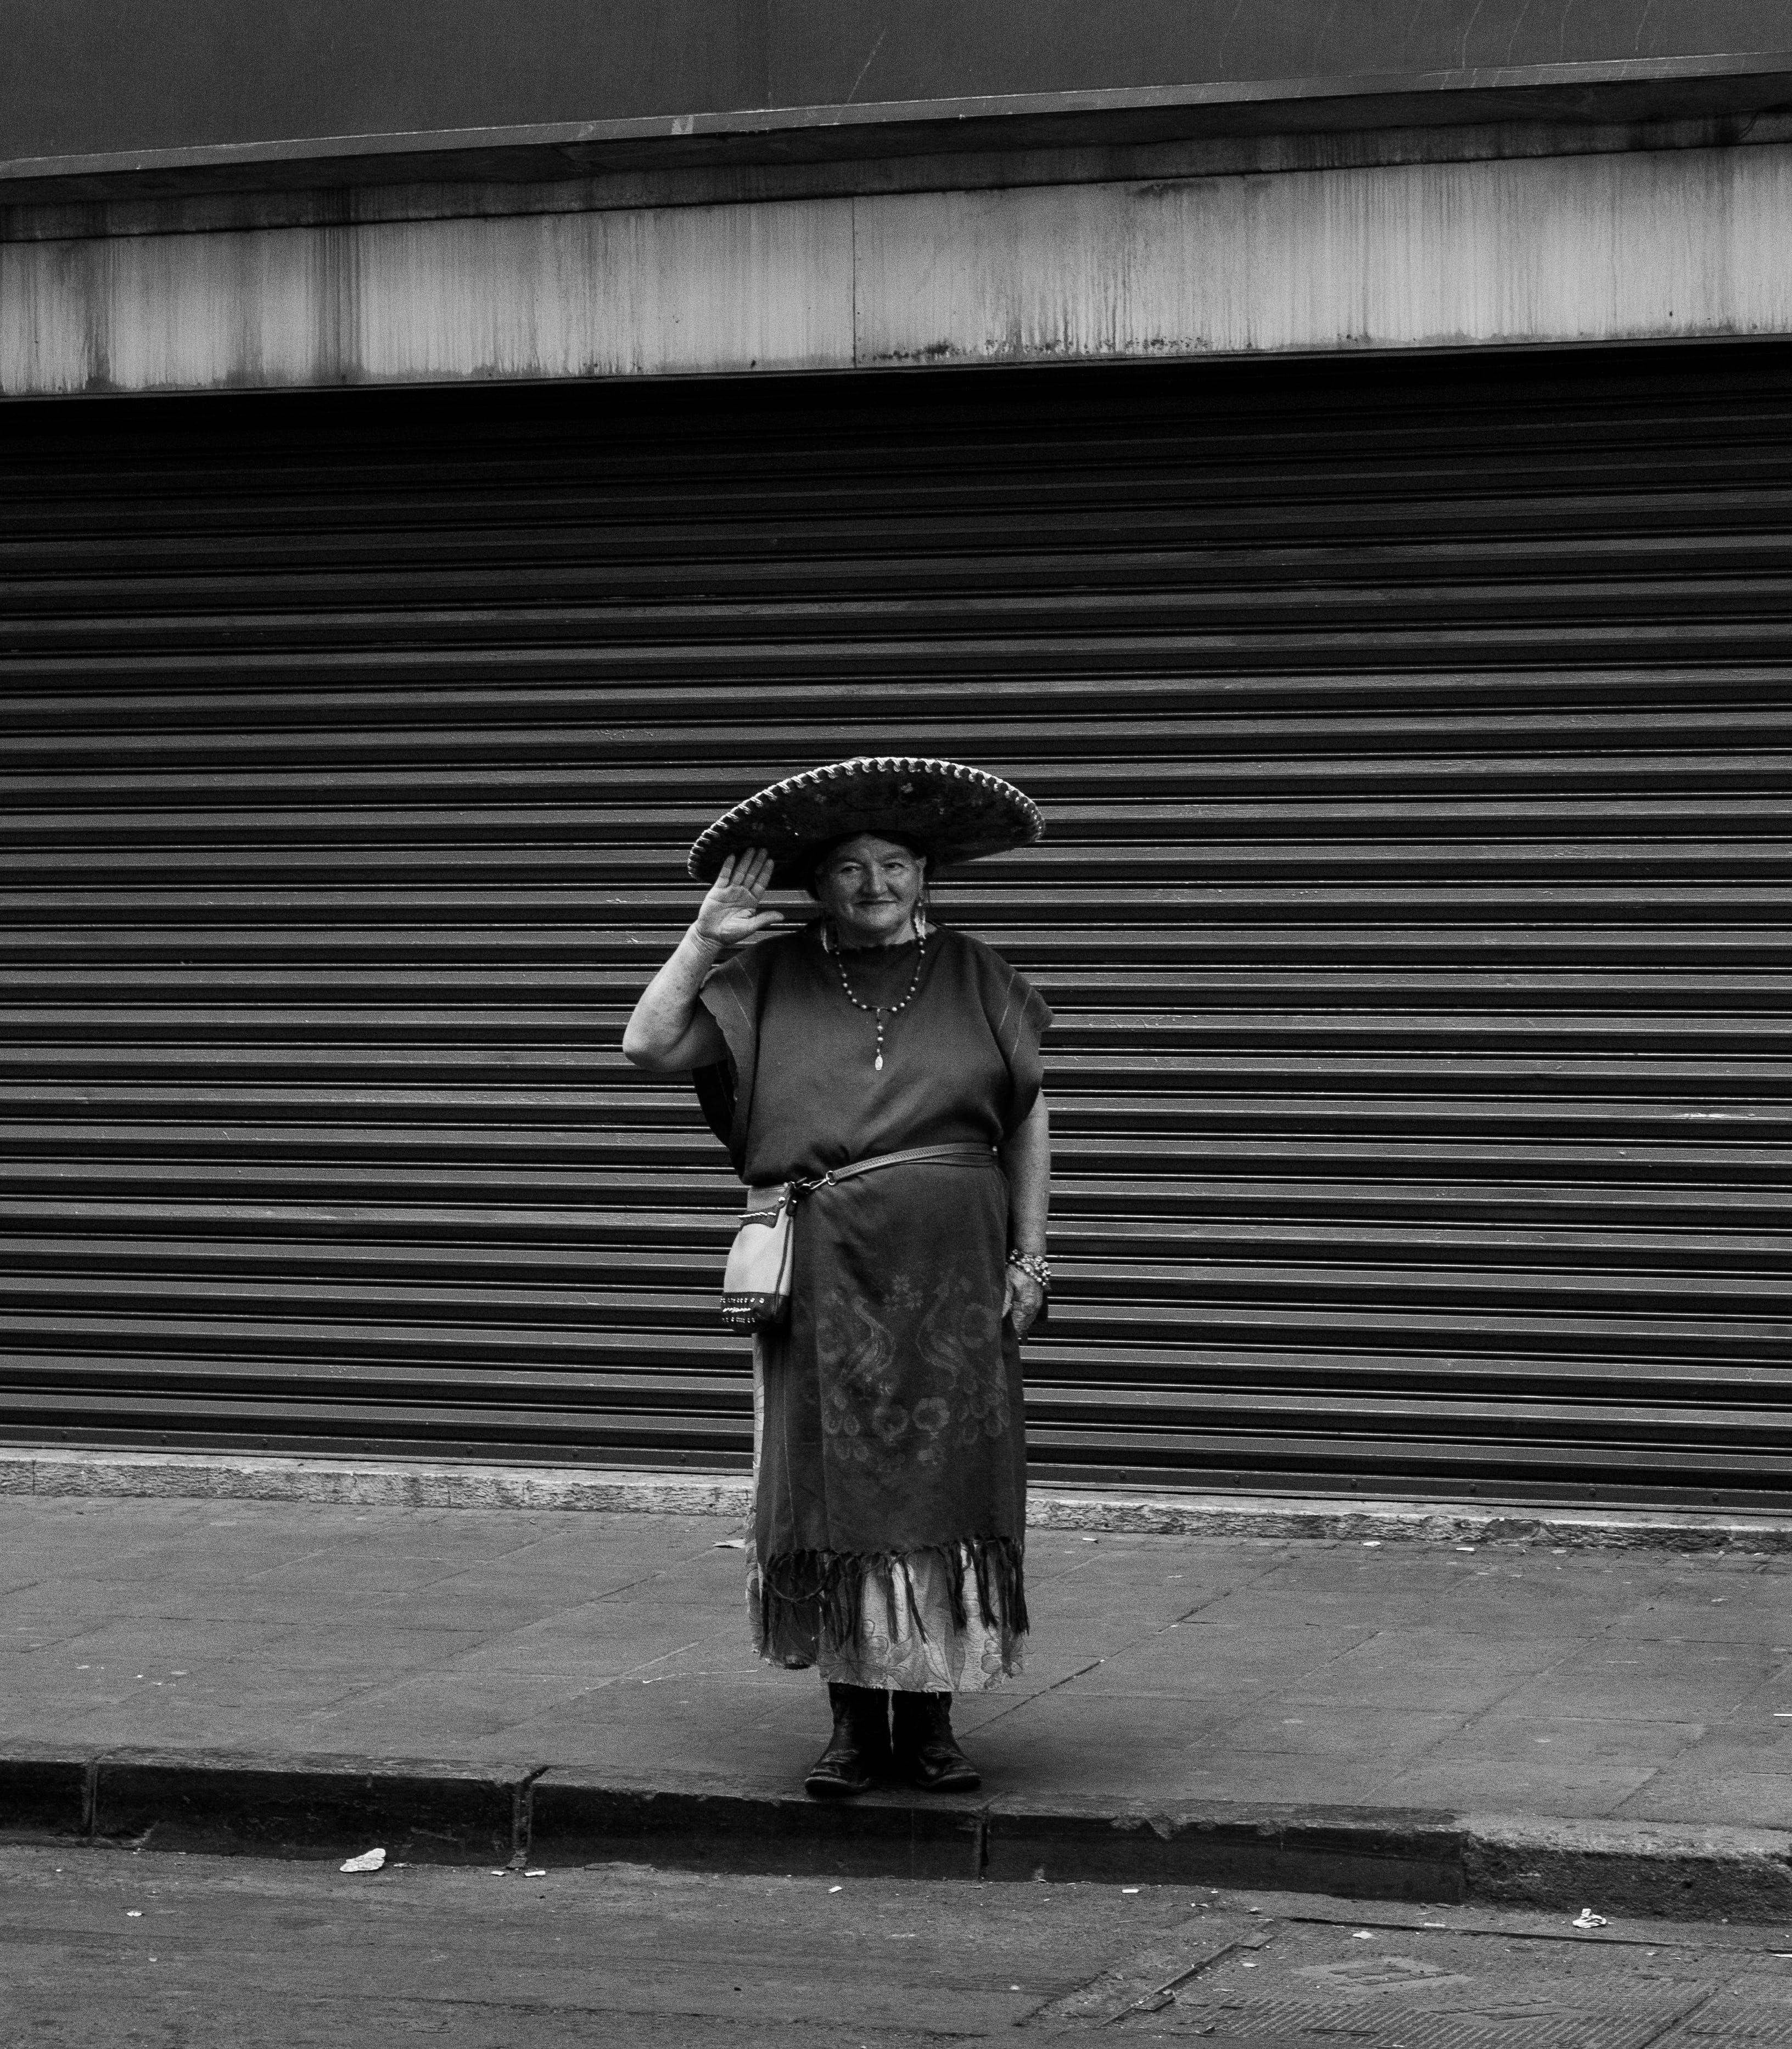 Fotos de stock gratuitas de anciano, atuendo, blanco y negro, calle